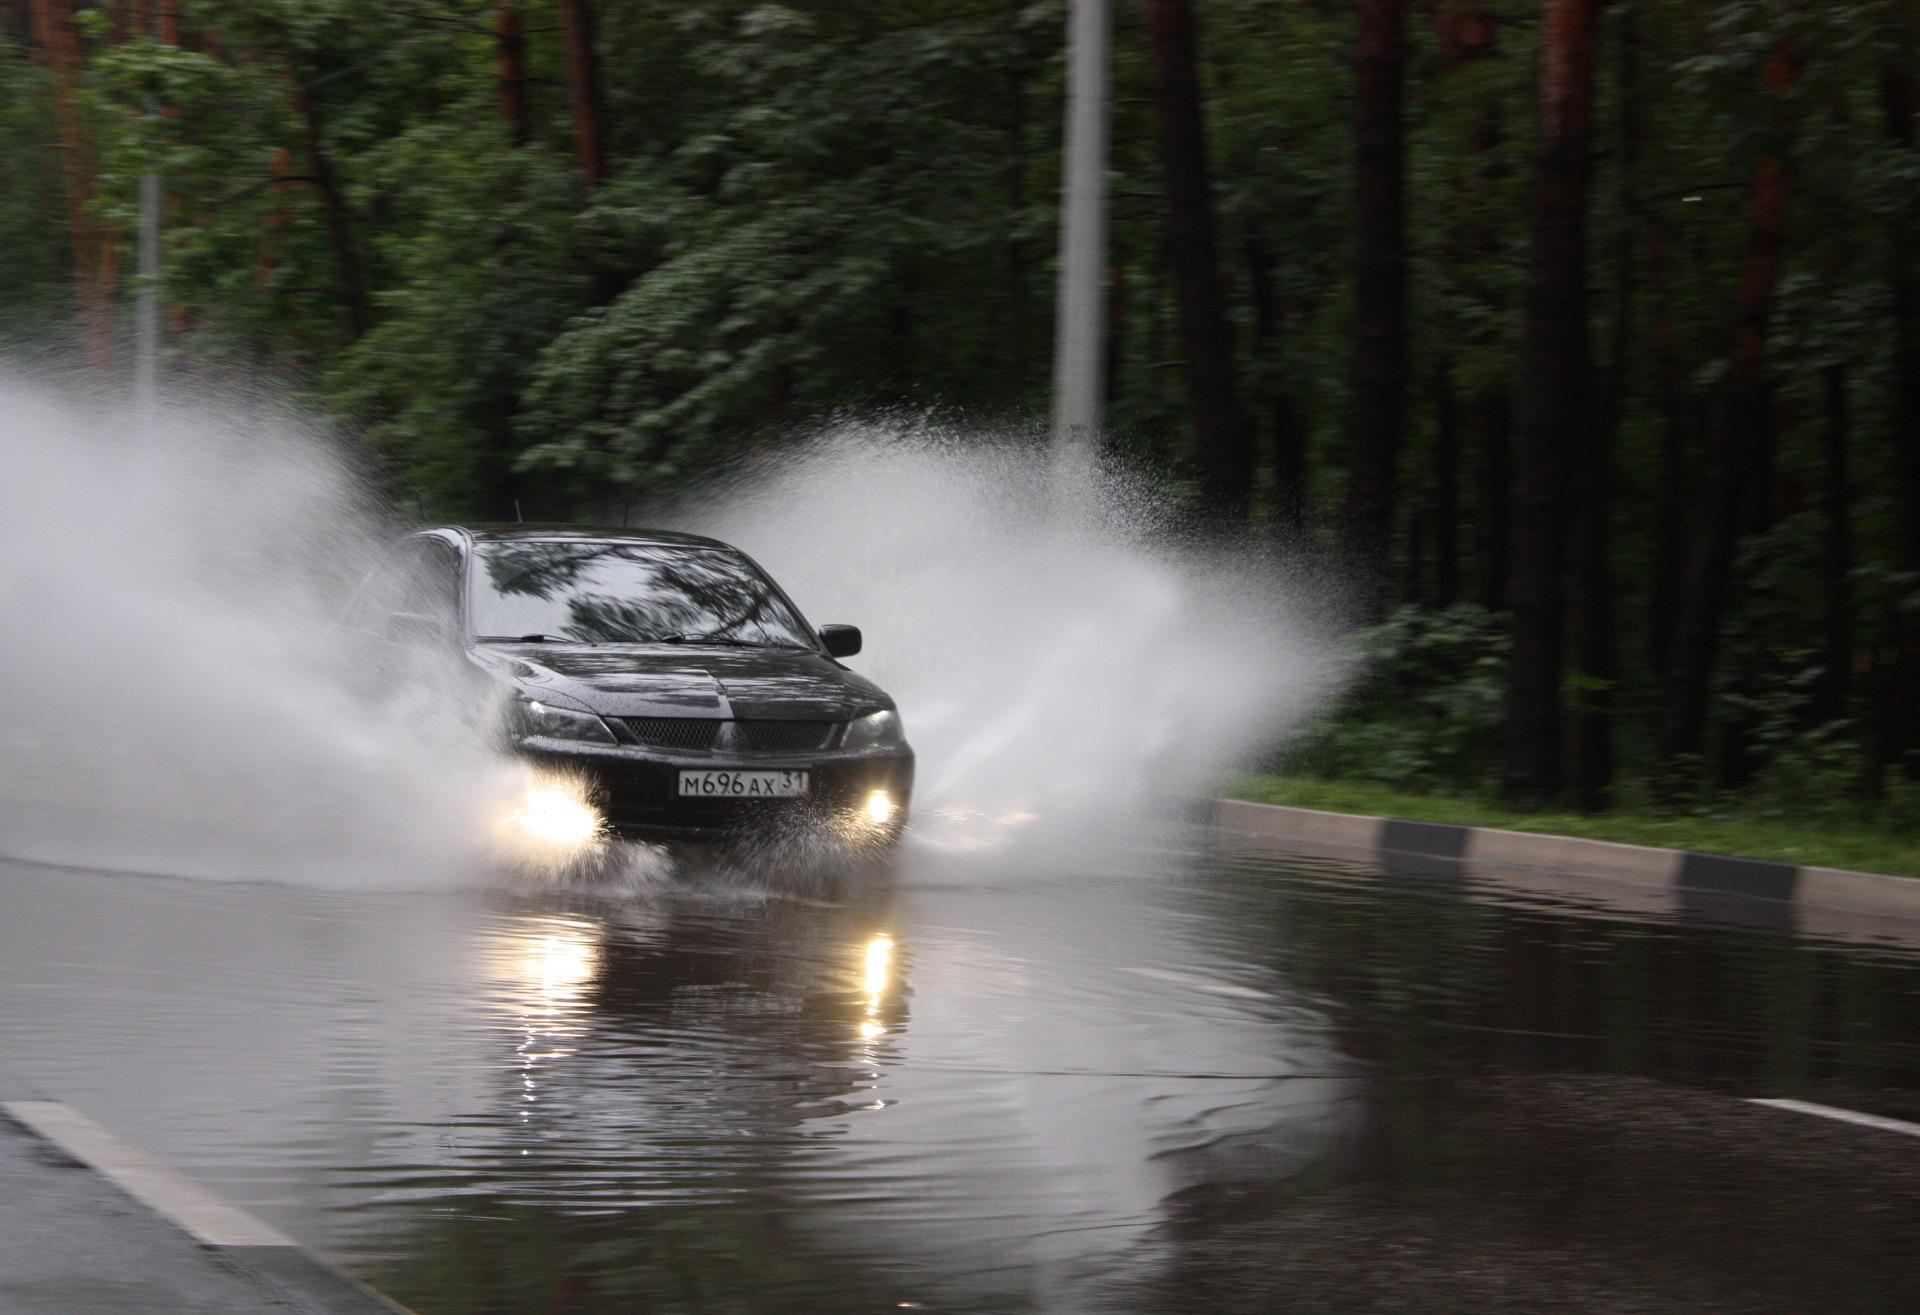 ходу картинка машина едет в дождь услуги